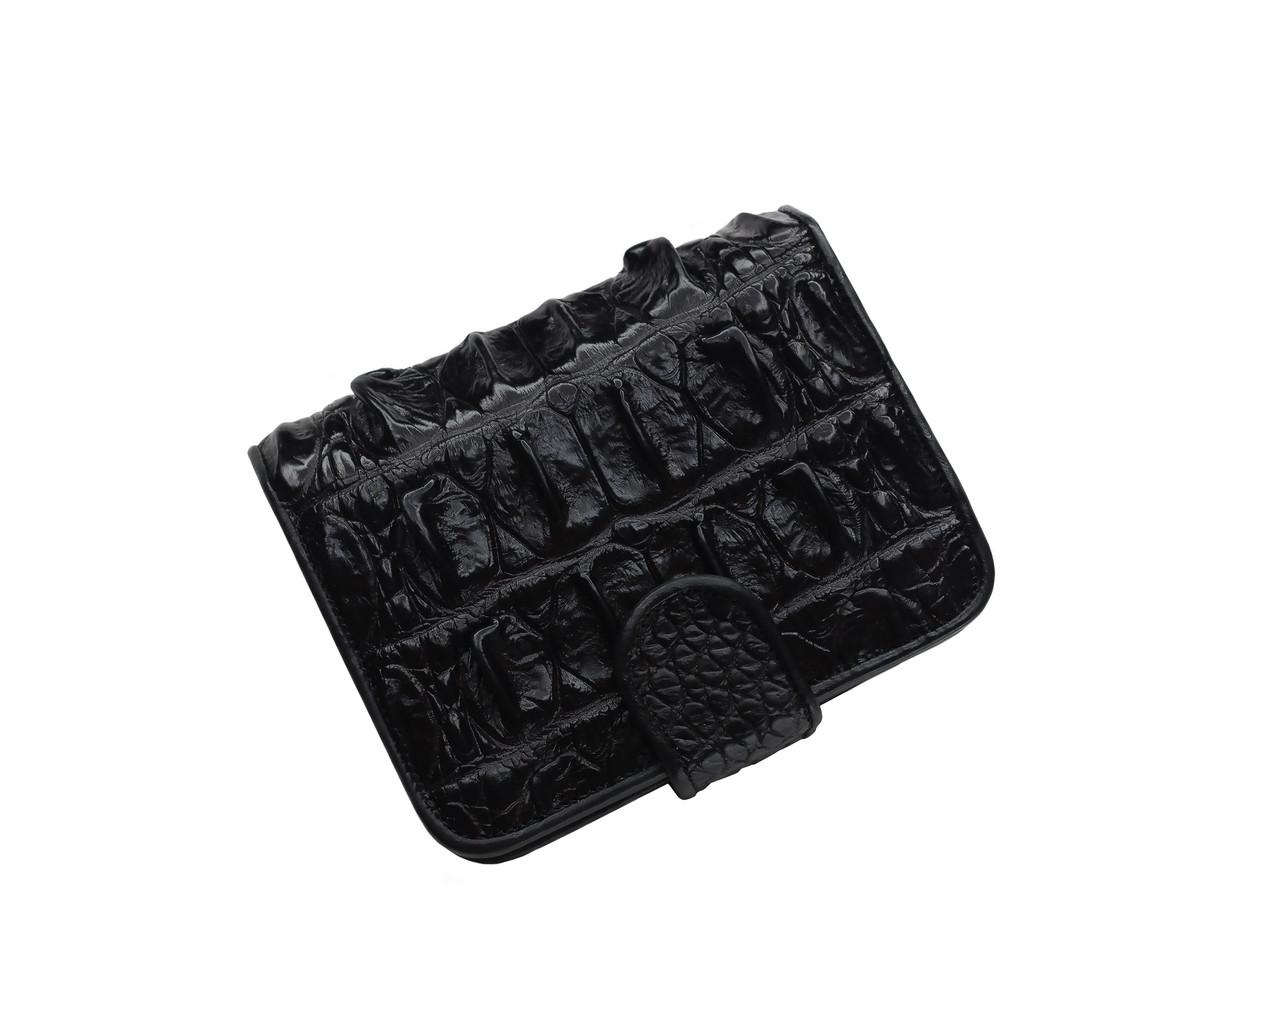 Кошелек из кожи крокодила Ekzotic Leather Черный (cw 102)